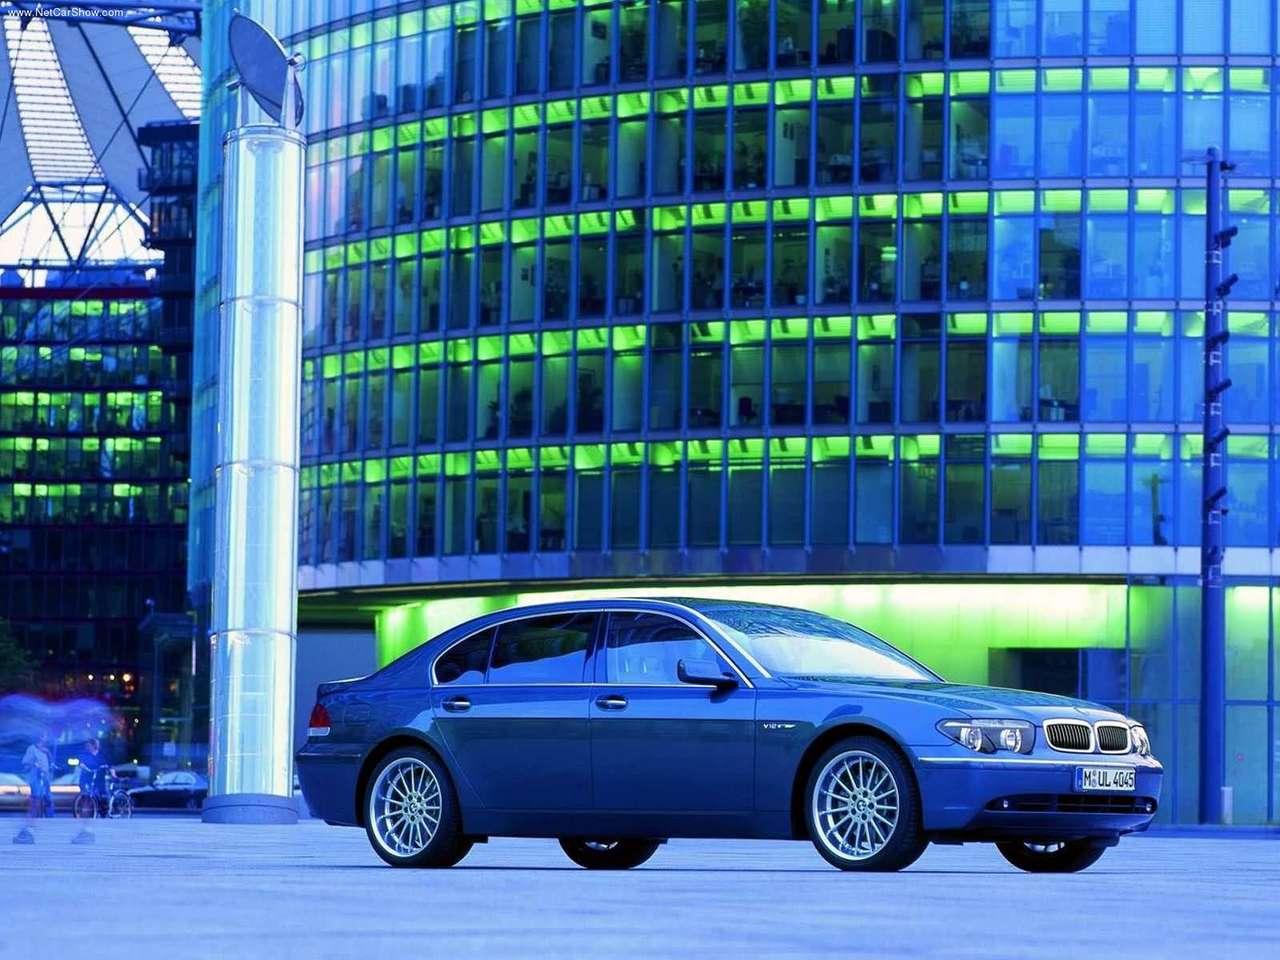 http://1.bp.blogspot.com/_vPMjJG-enrk/TAt31lm1hpI/AAAAAAAAC4c/ZmeXeXdrjGY/s1600/BMW-760Li_E66_2003_1280x960_wallpaper_02.jpg